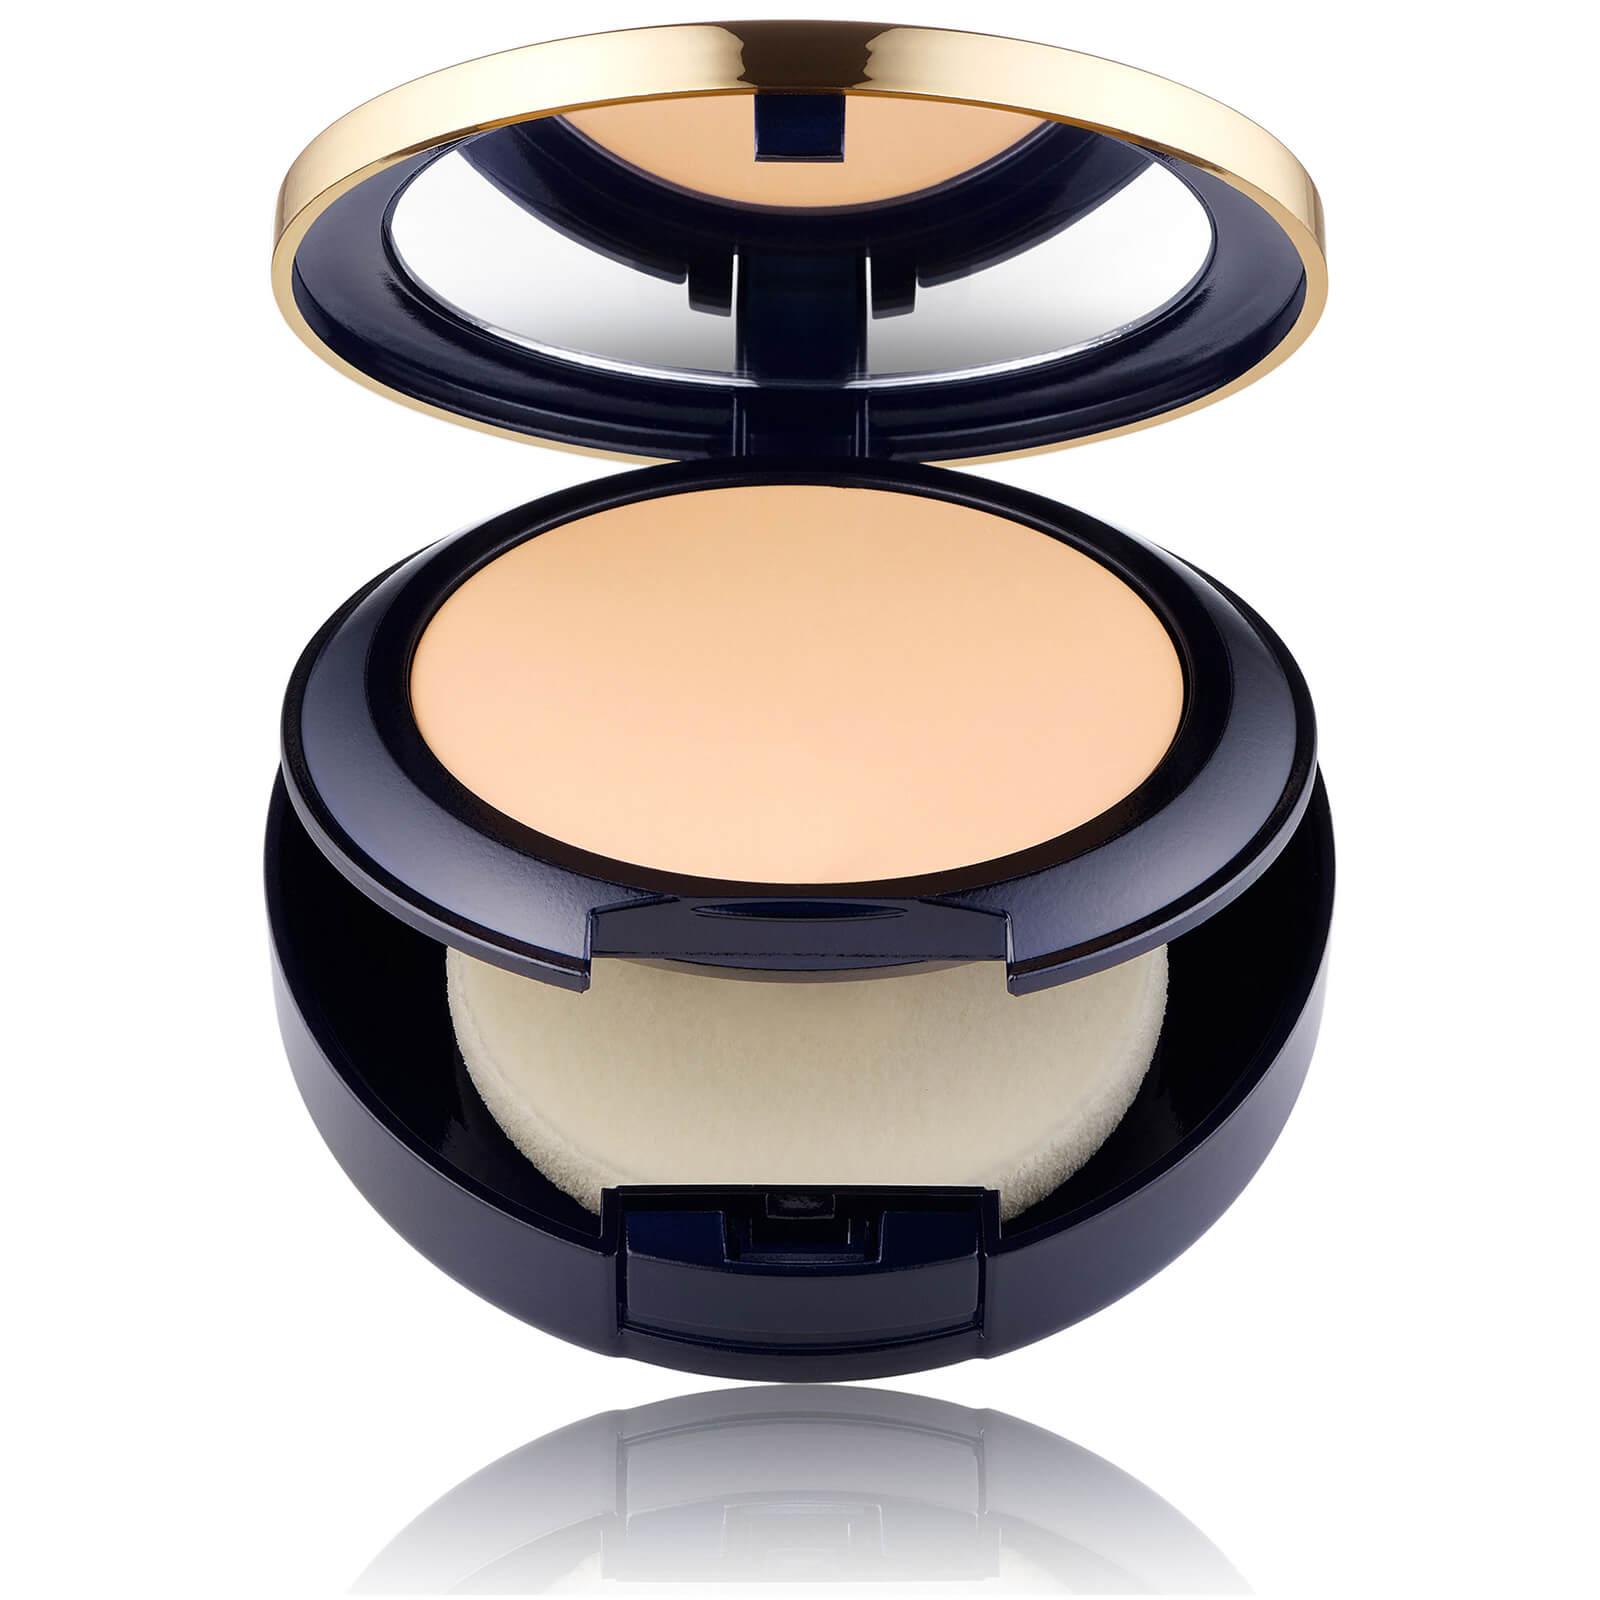 Estée Lauder Double Wear Stay-in-Place Powder Makeup 12g - 2C2 Pale Almond